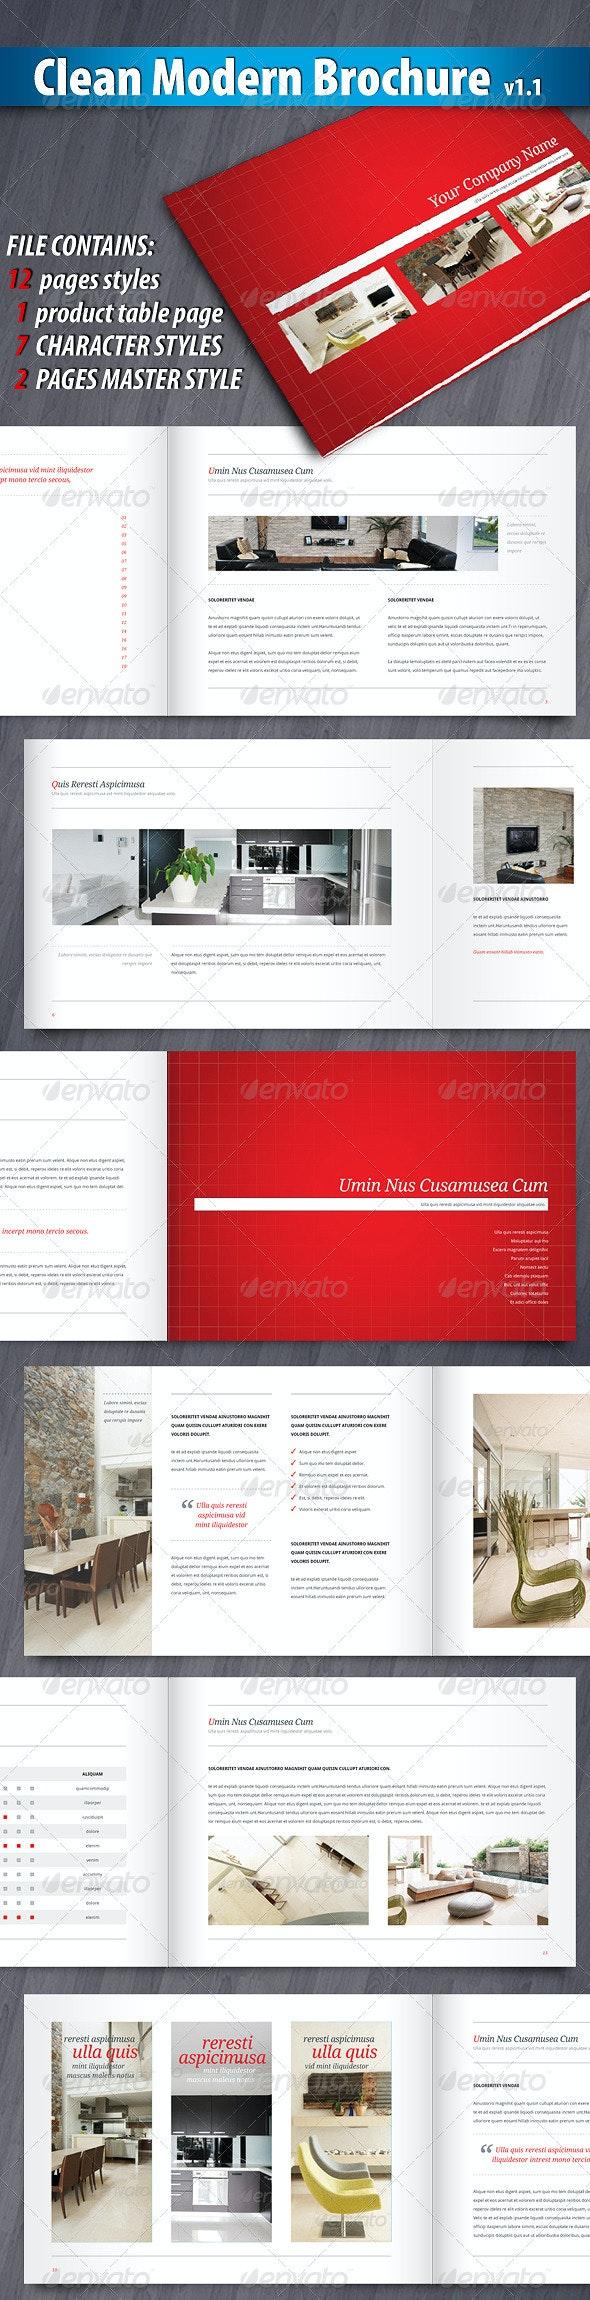 Clean Modern Brochure - Corporate Brochures